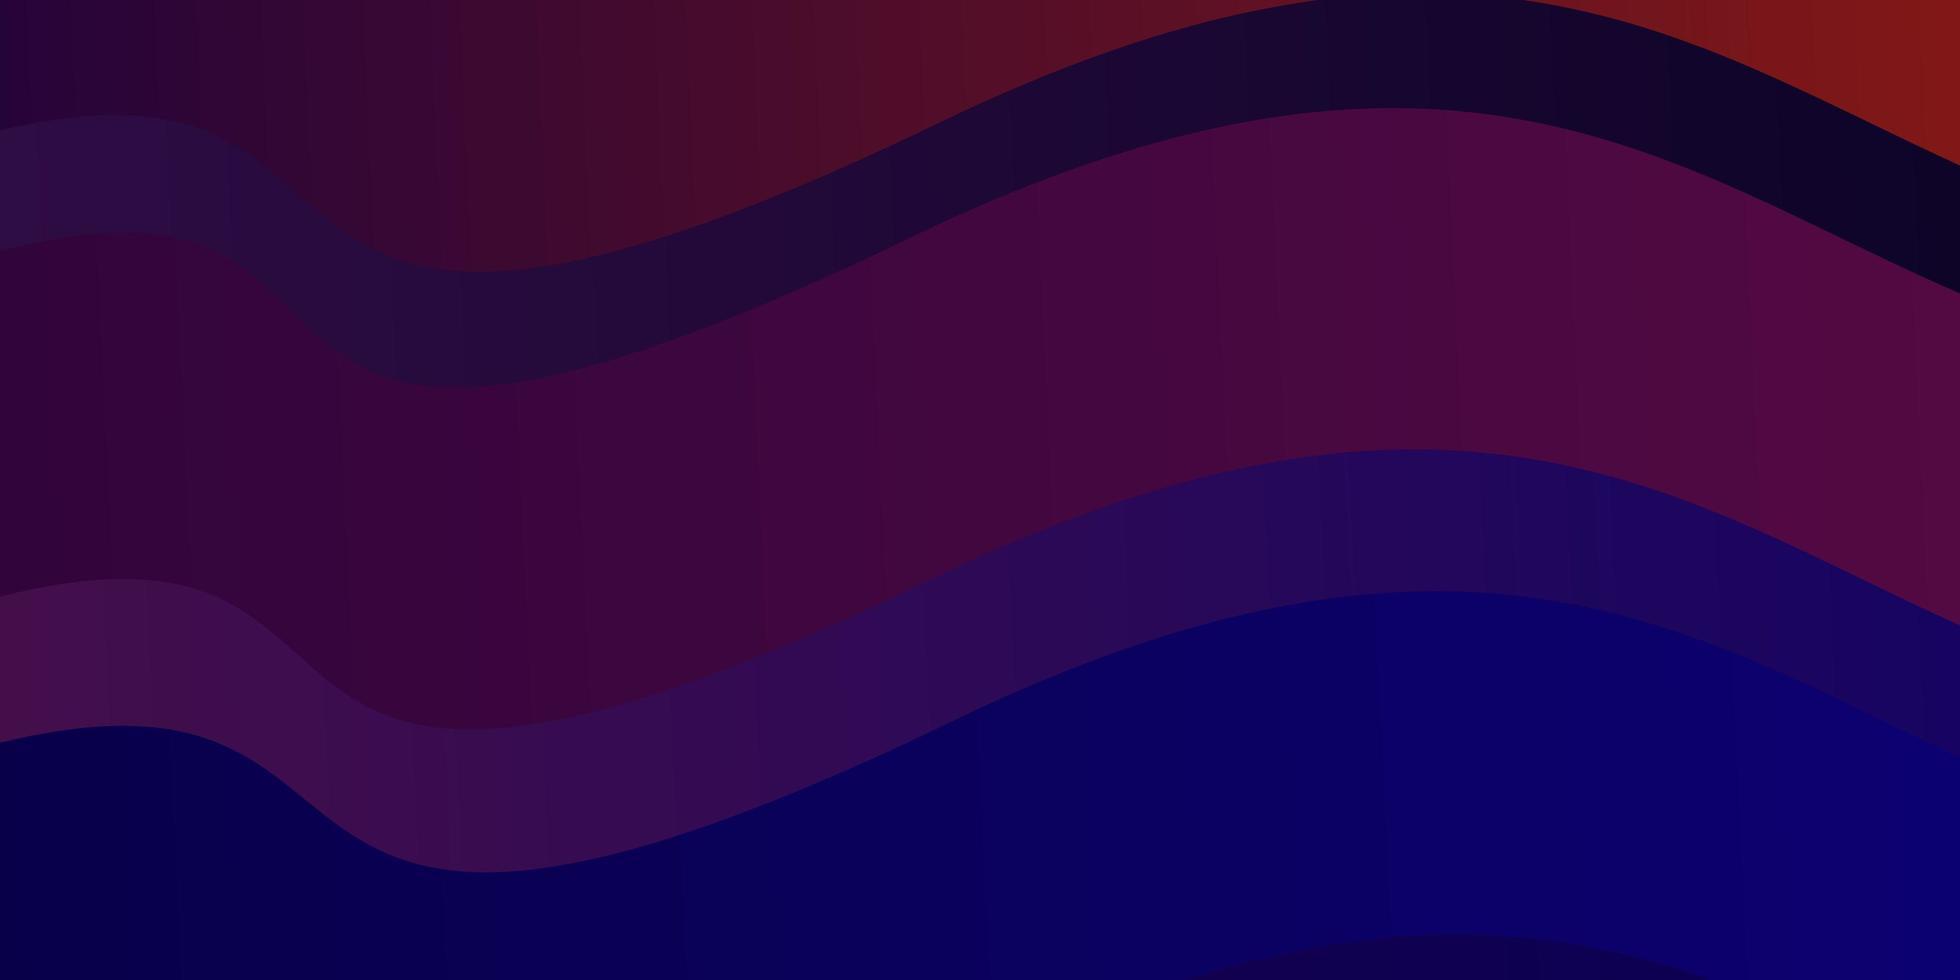 mörkblått, rött vektormönster med kurvor. vektor